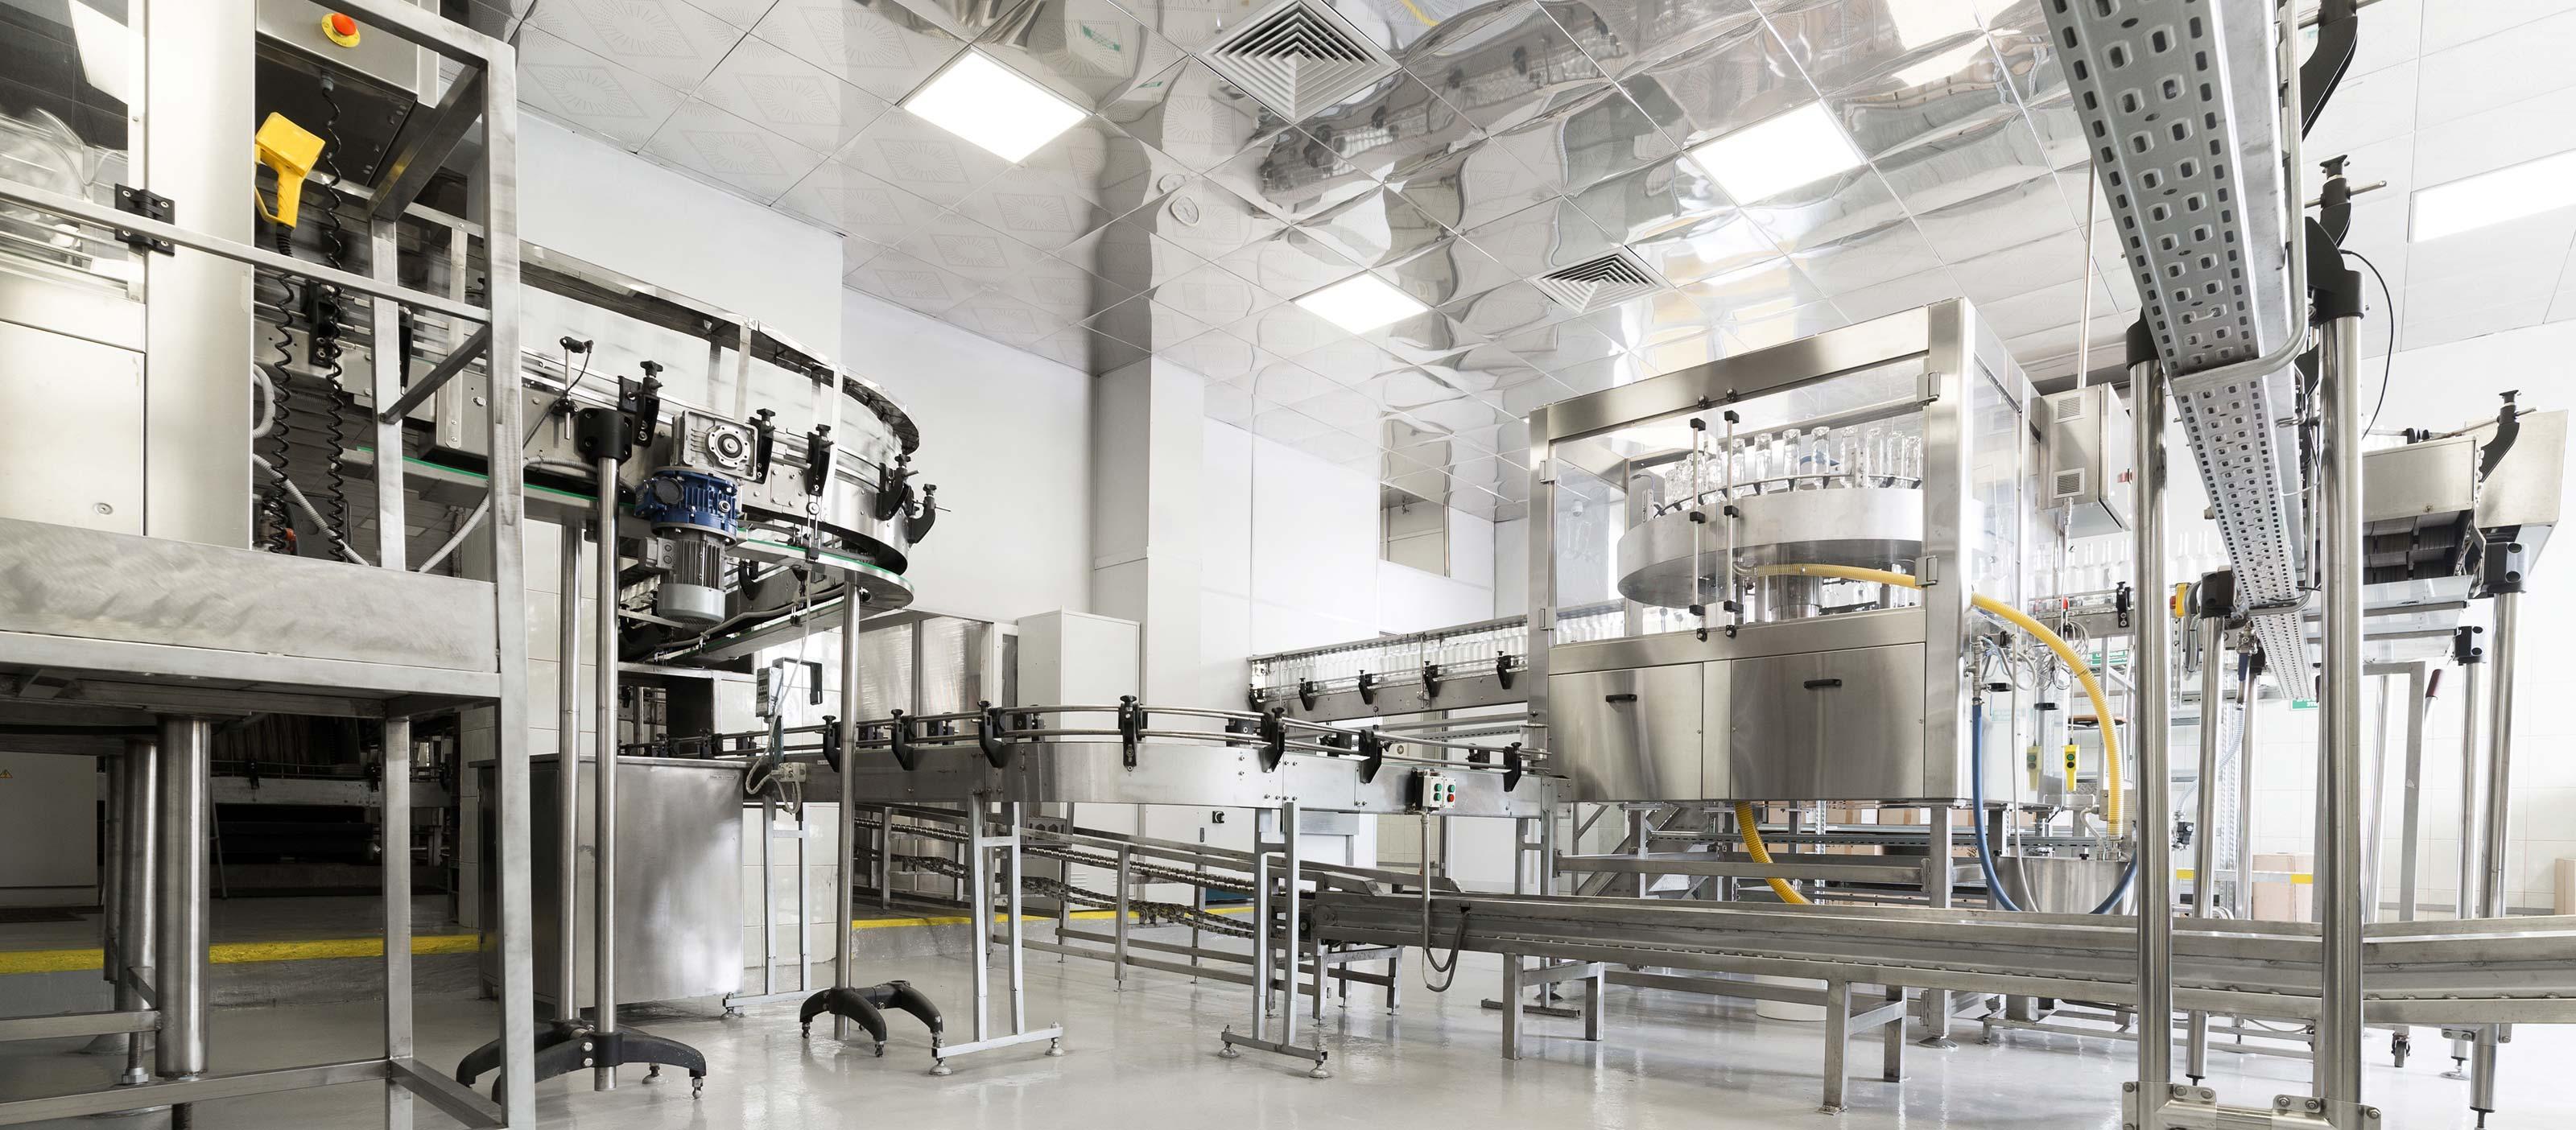 Bottling plant using GE Digital's asset performance management software